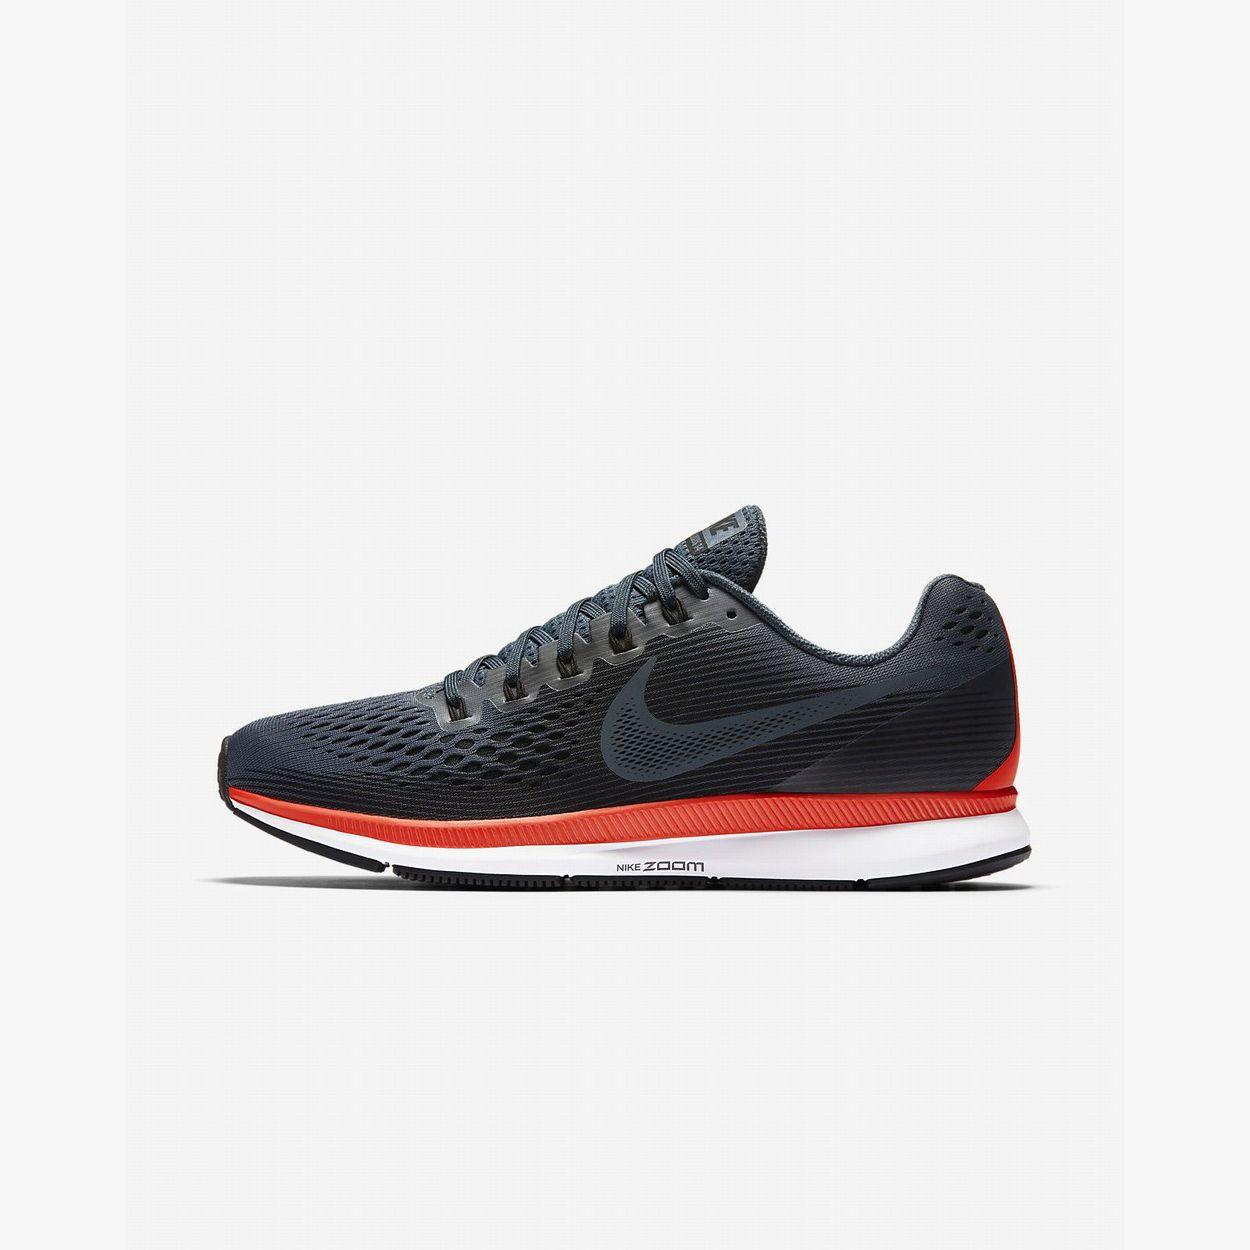 1d9e53e71eef Nike Free Rn Commuter 2017 Olcsón Sötét Szürke Fekete Fehér - Legjobb Férfi  Futócipő